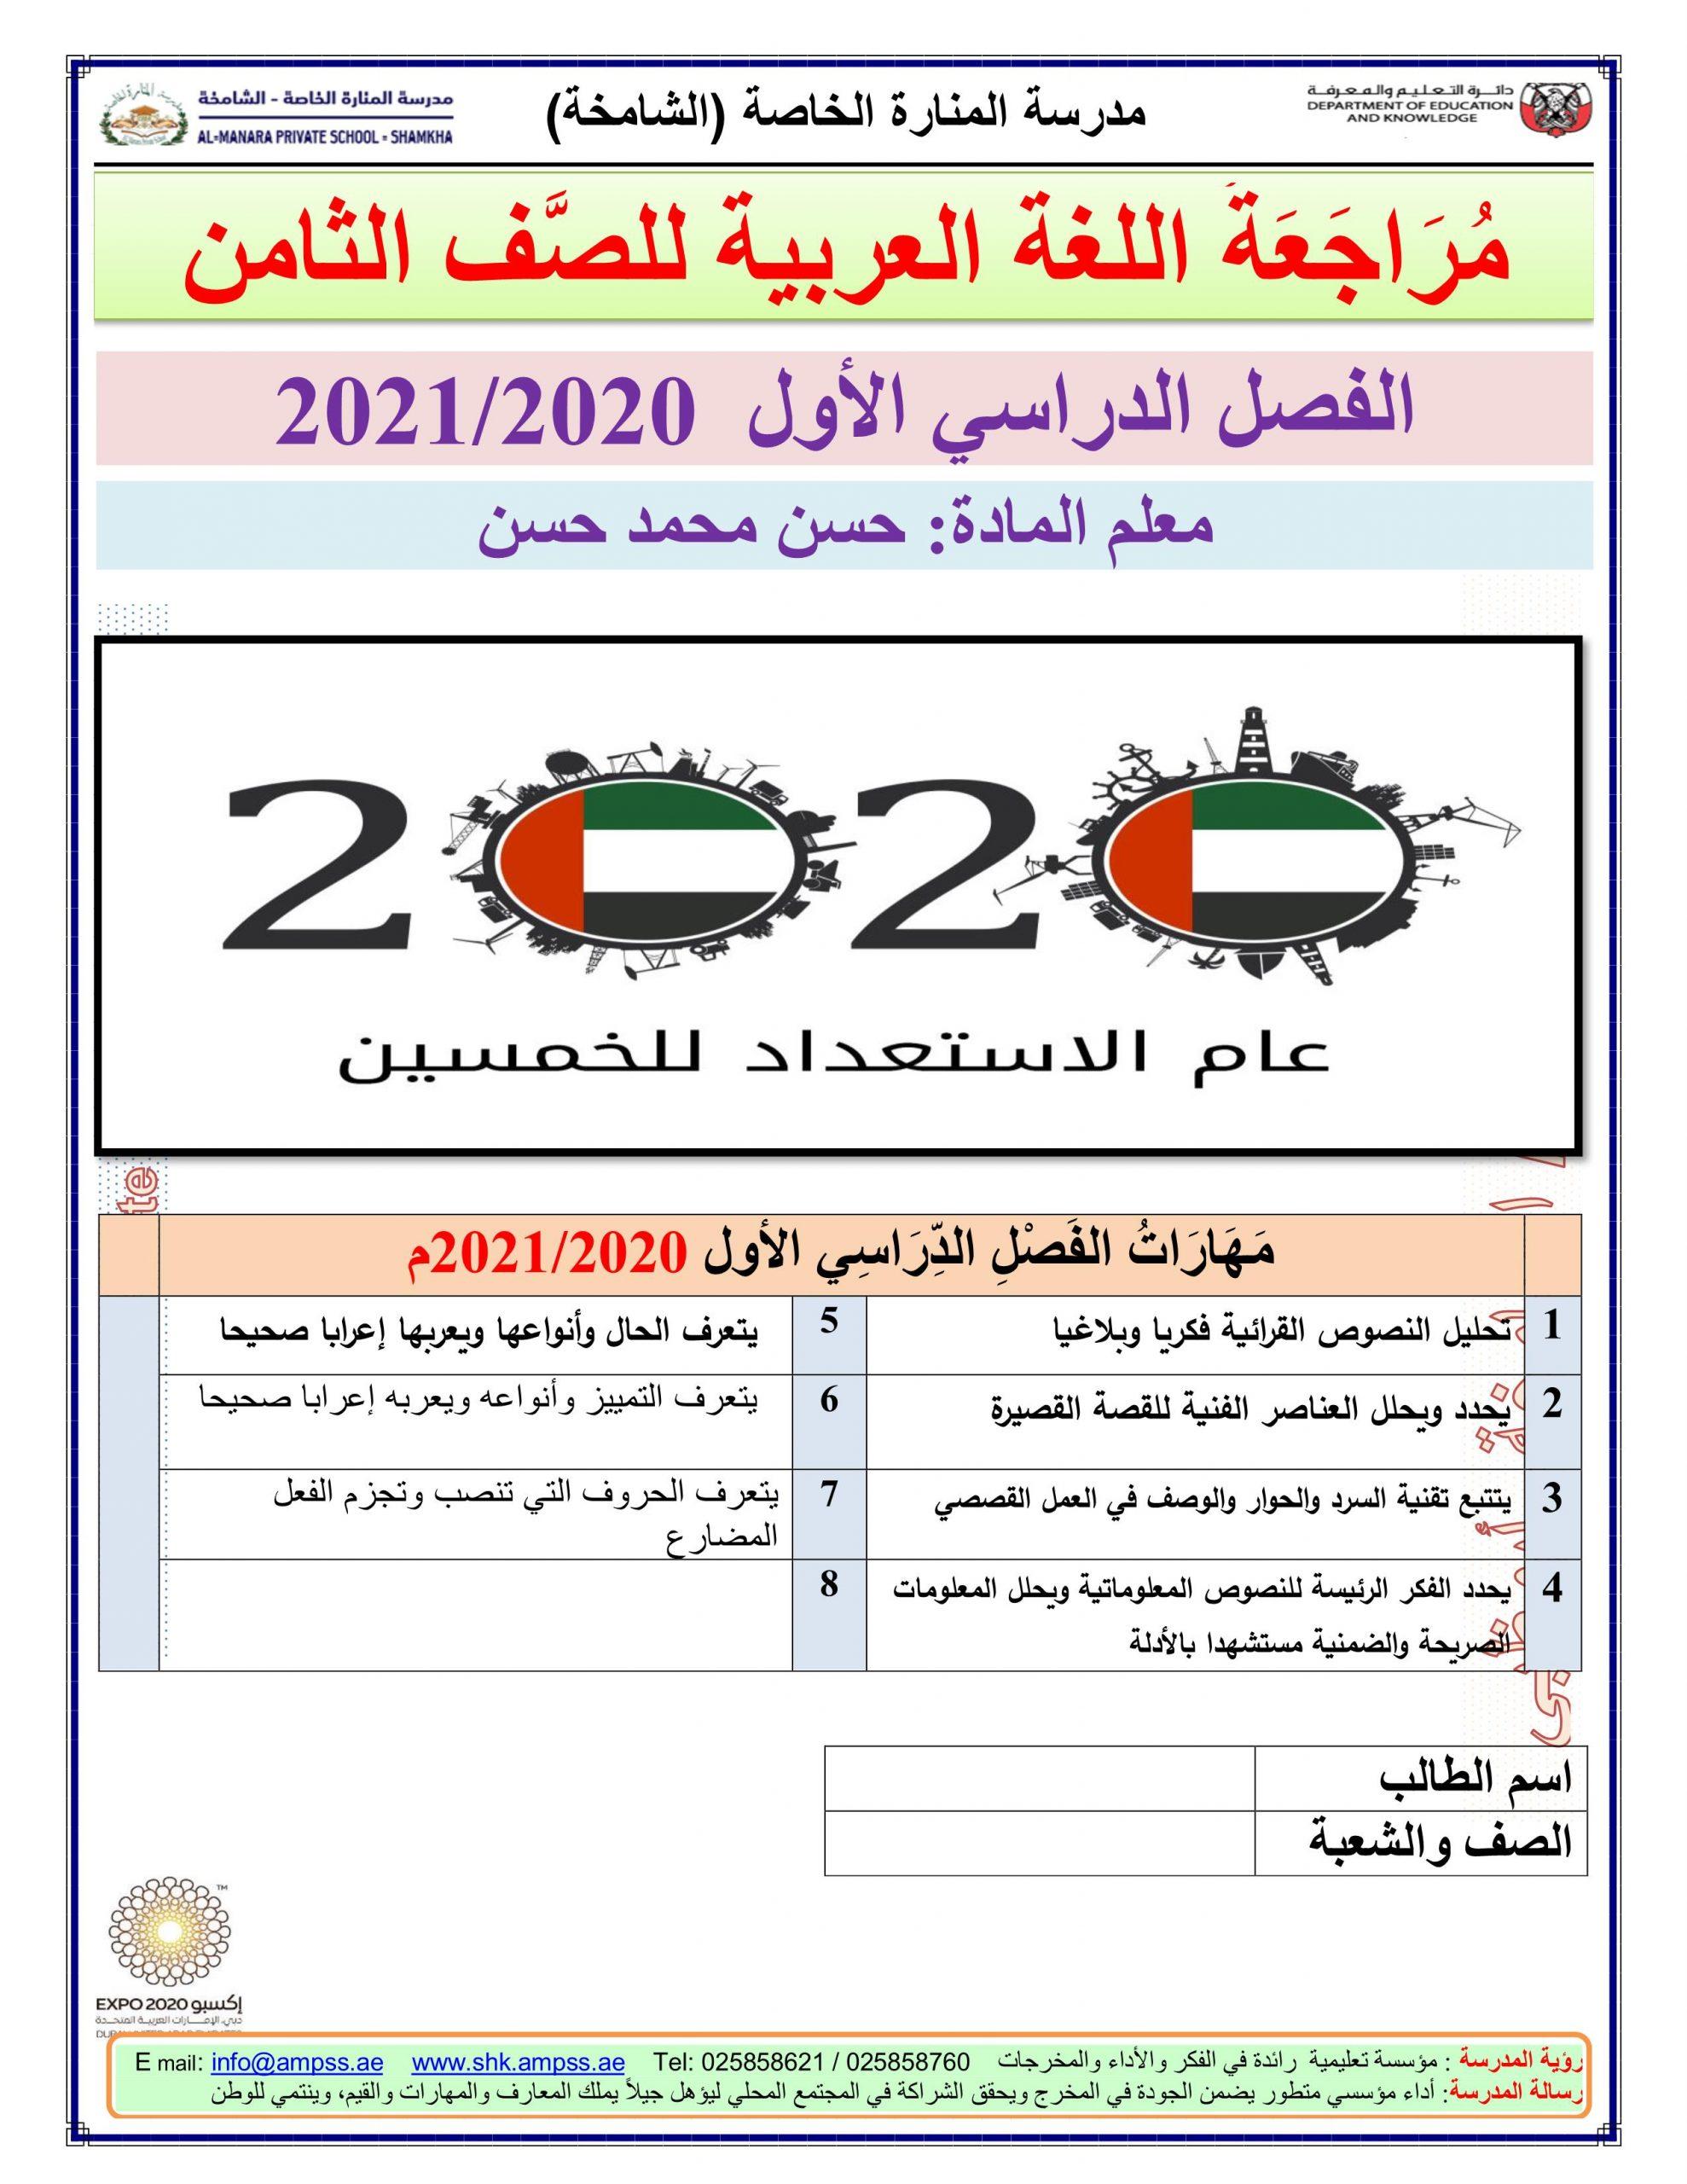 اوراق عمل متنوعة مراجعة عامة الصف الثامن مادة اللغة العربية